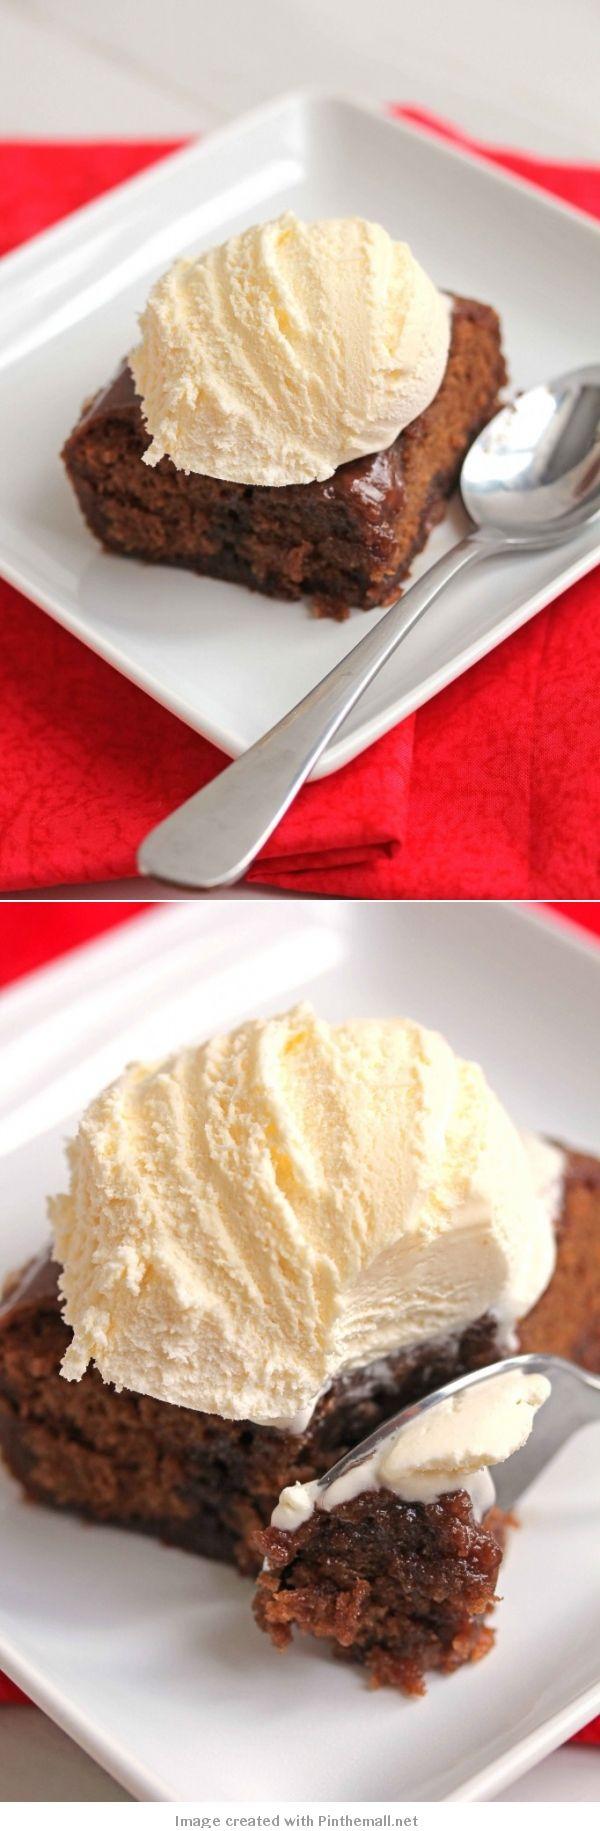 Diet Soda Cake Recipe From Scratch